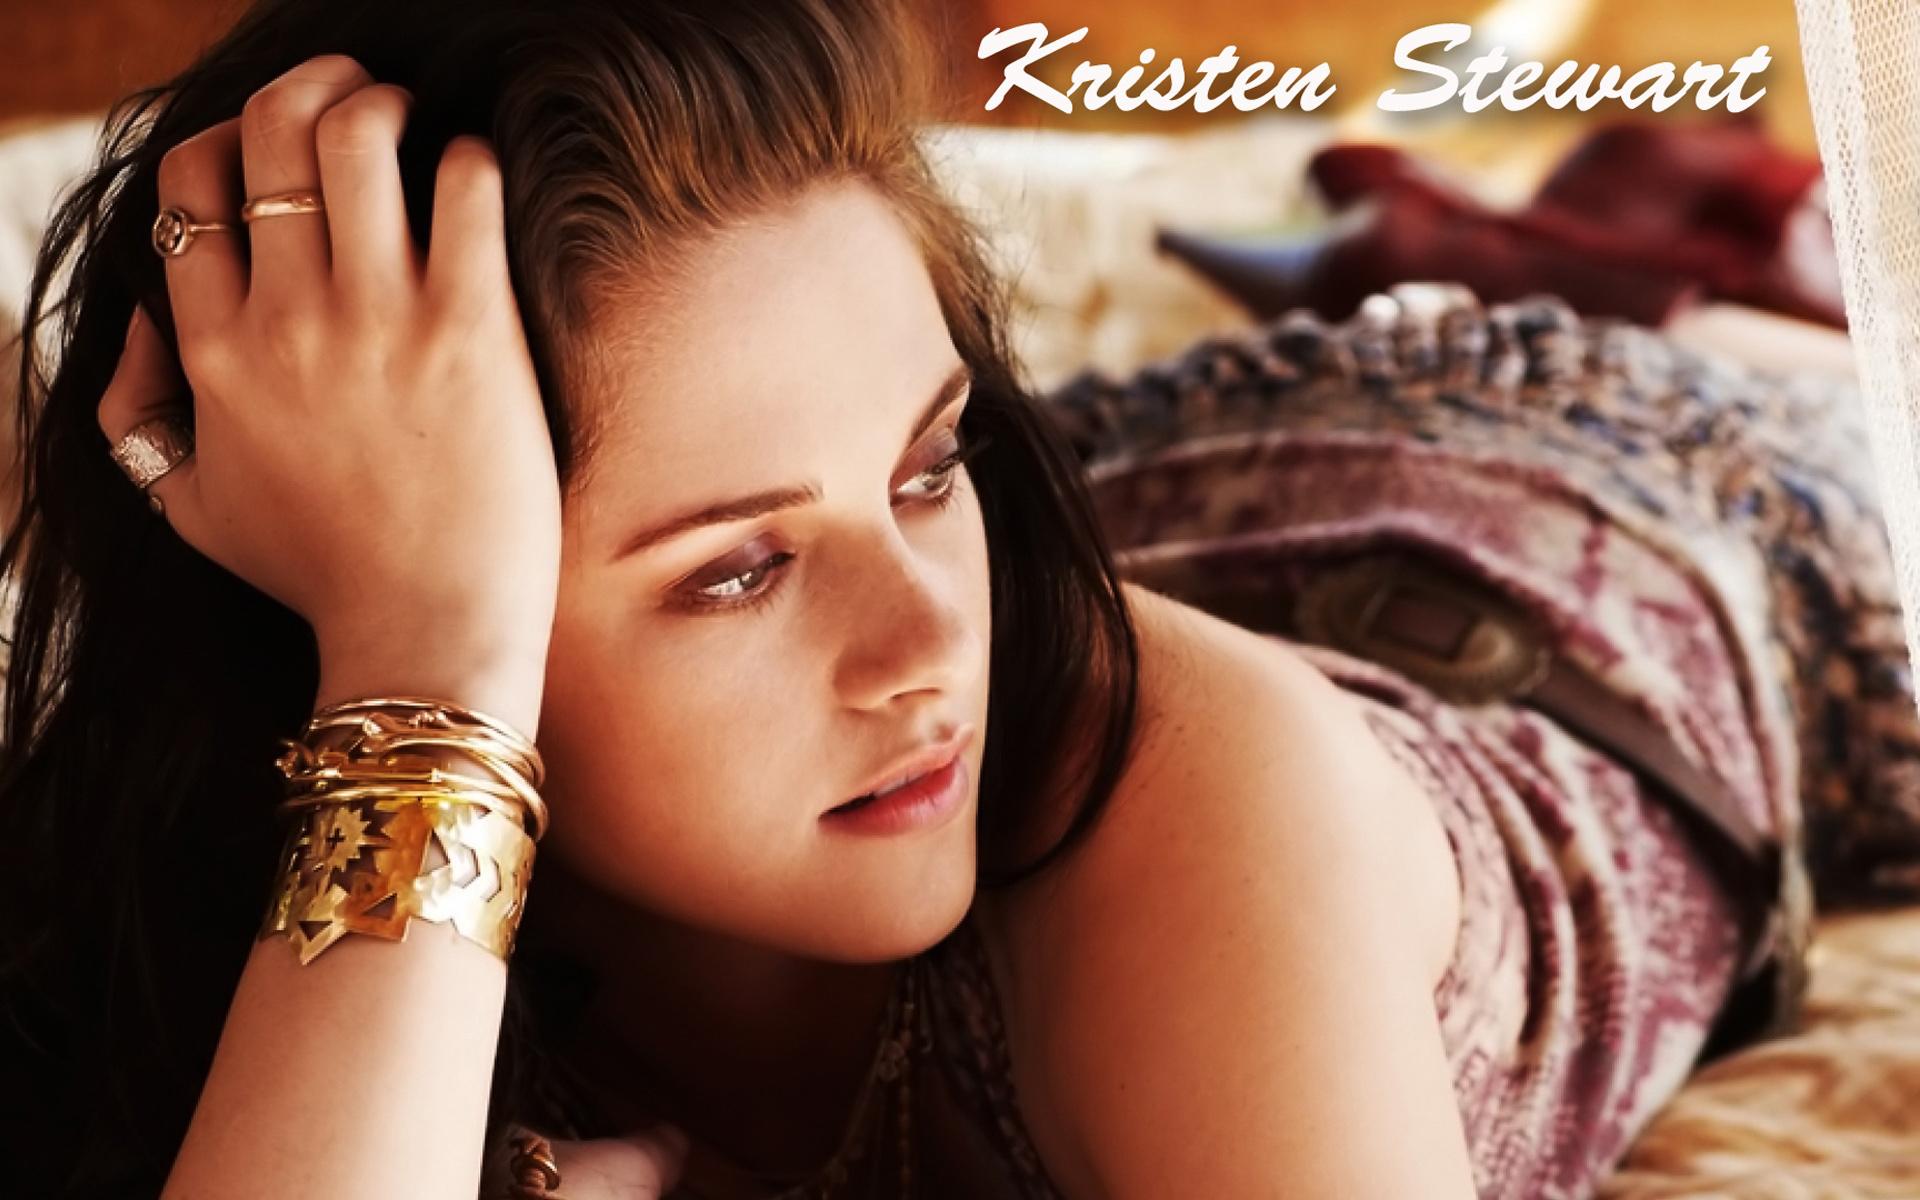 Kristen Stewart - Wooo!